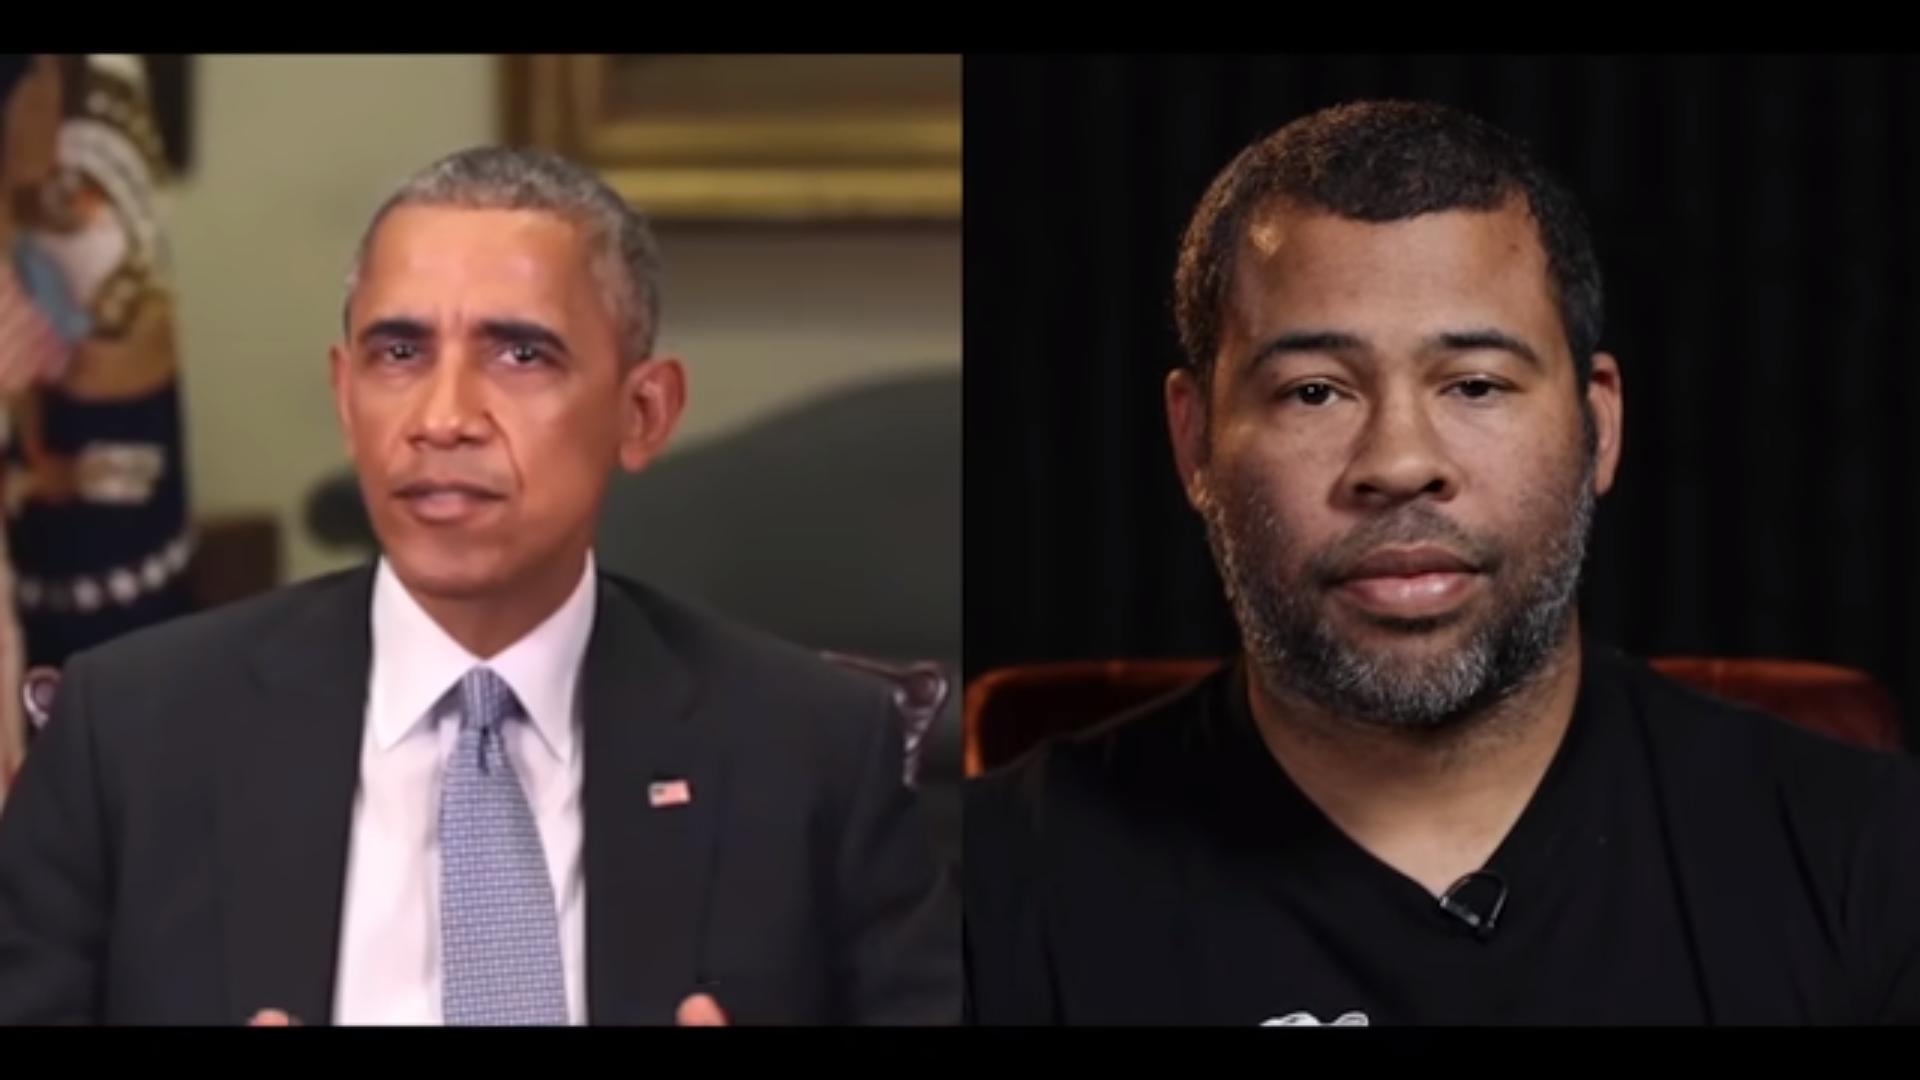 """別の人の口の動きなどをオバマ大統領の顔で再現しています(<a href=""""https://www.youtube.com/watch?v=cQ54GDm1eL0"""" class=""""strong bn"""" target=""""_blank"""">YouTubeの動画</a>よりキャプチャー)"""